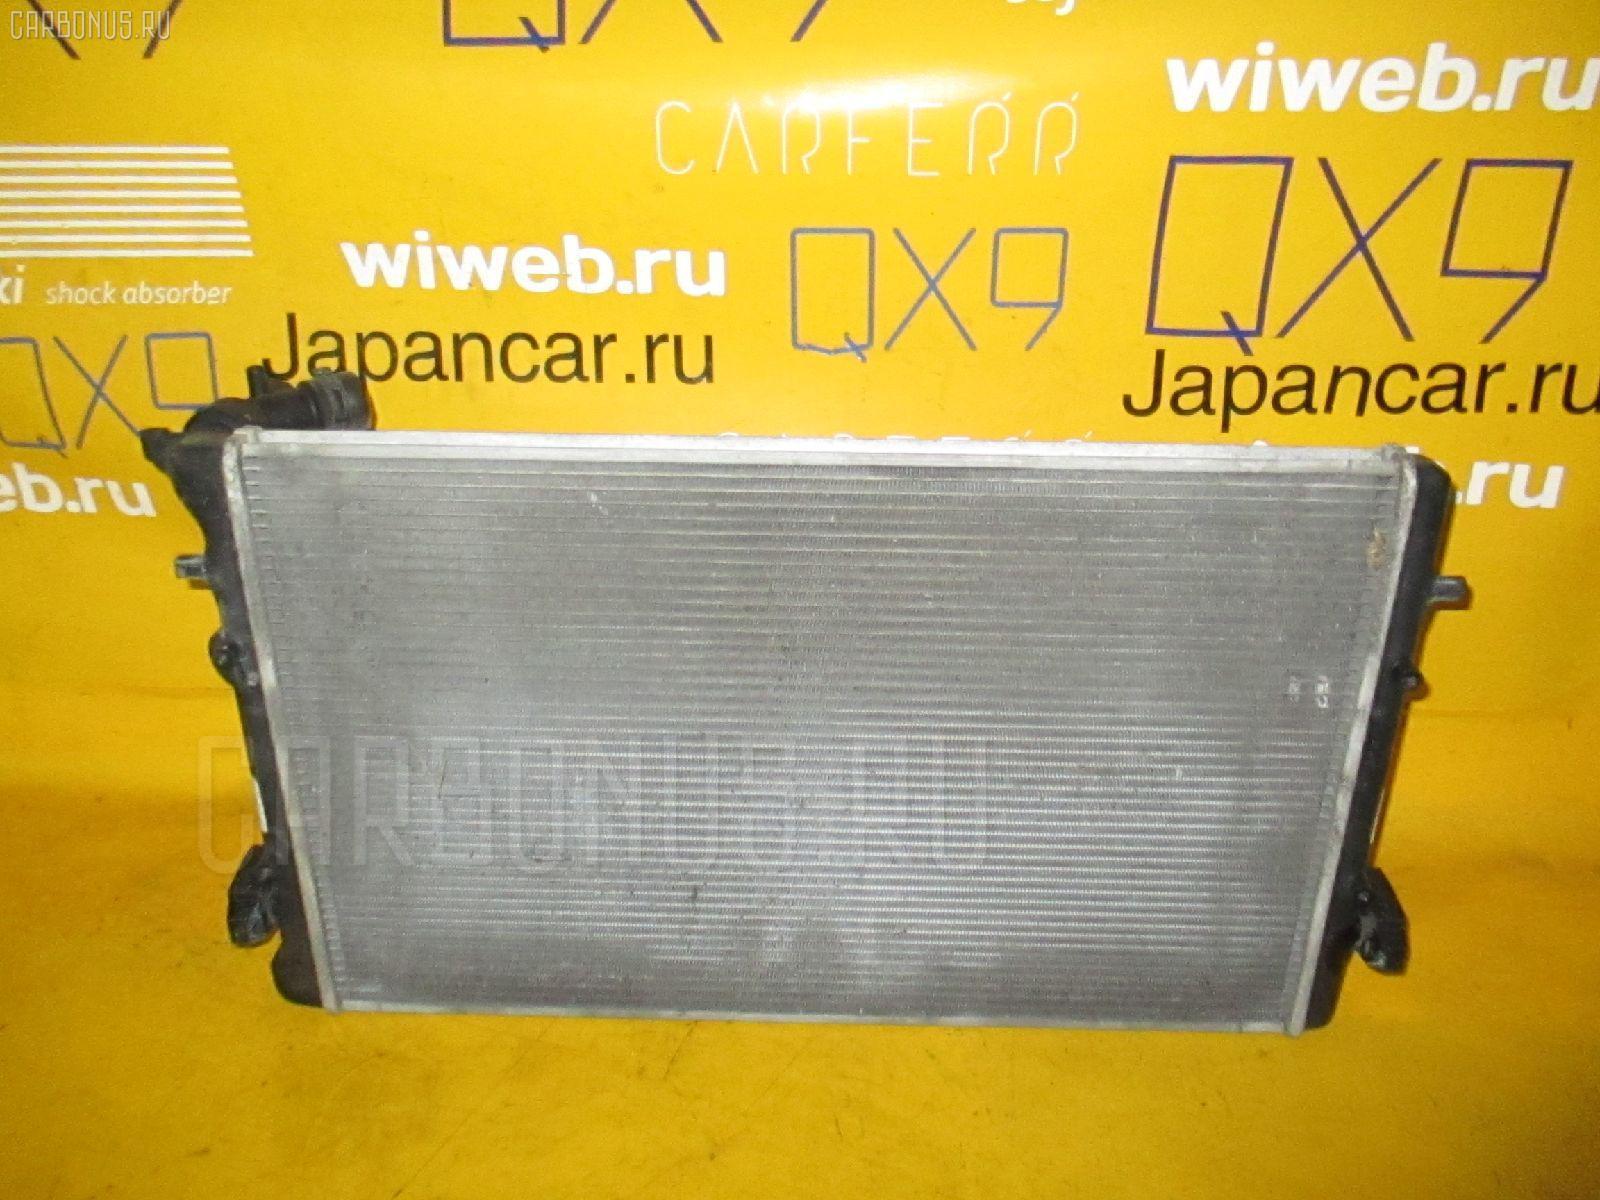 Радиатор ДВС VOLKSWAGEN GOLF IV 1JAPK APK Фото 1